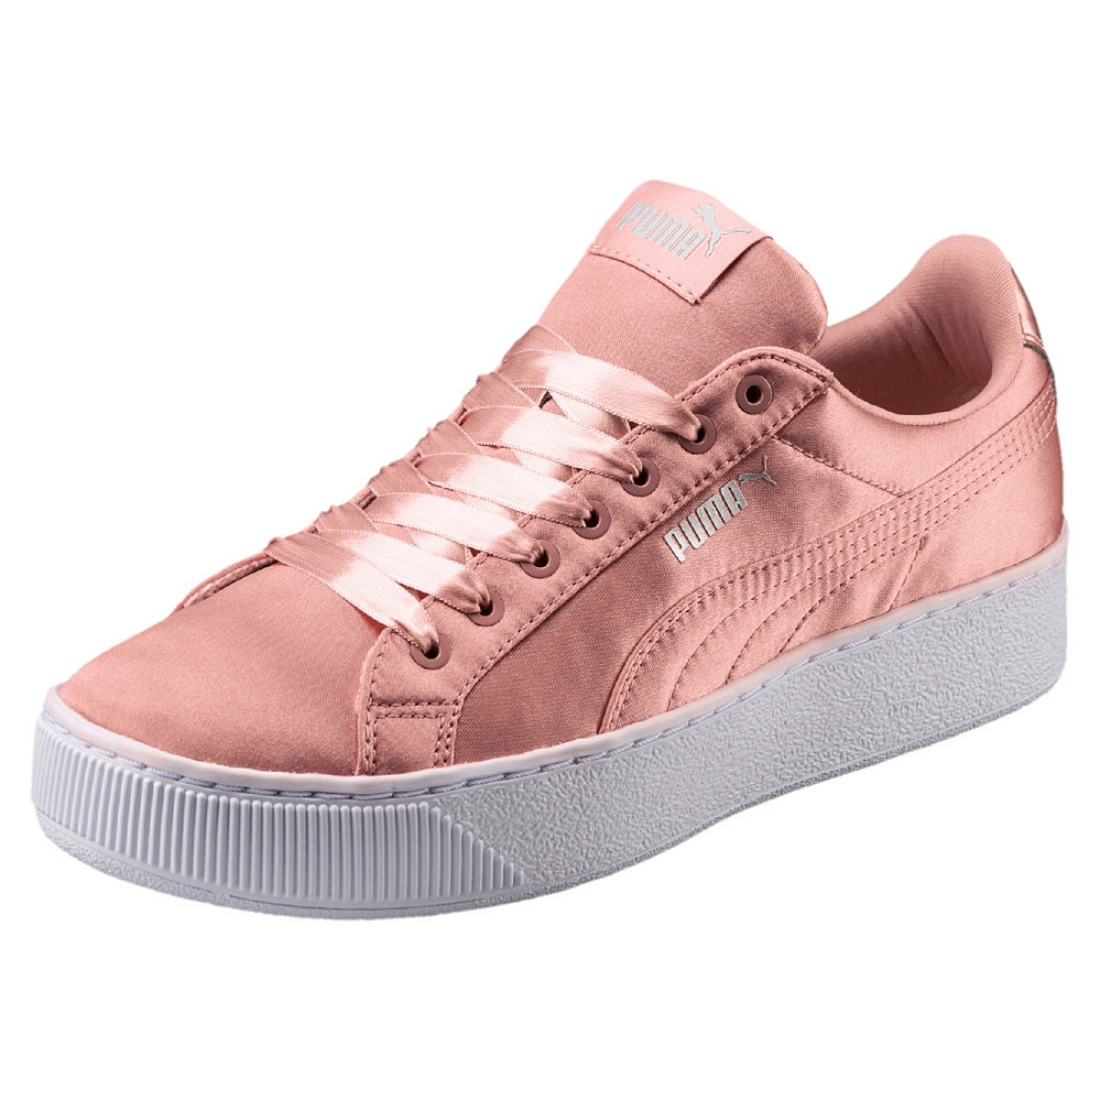 7cf491fb0cb8 Details about Puma Vikky Platform Ep Ladies Sneaker Shoes 365239 Peach  Beige Sale